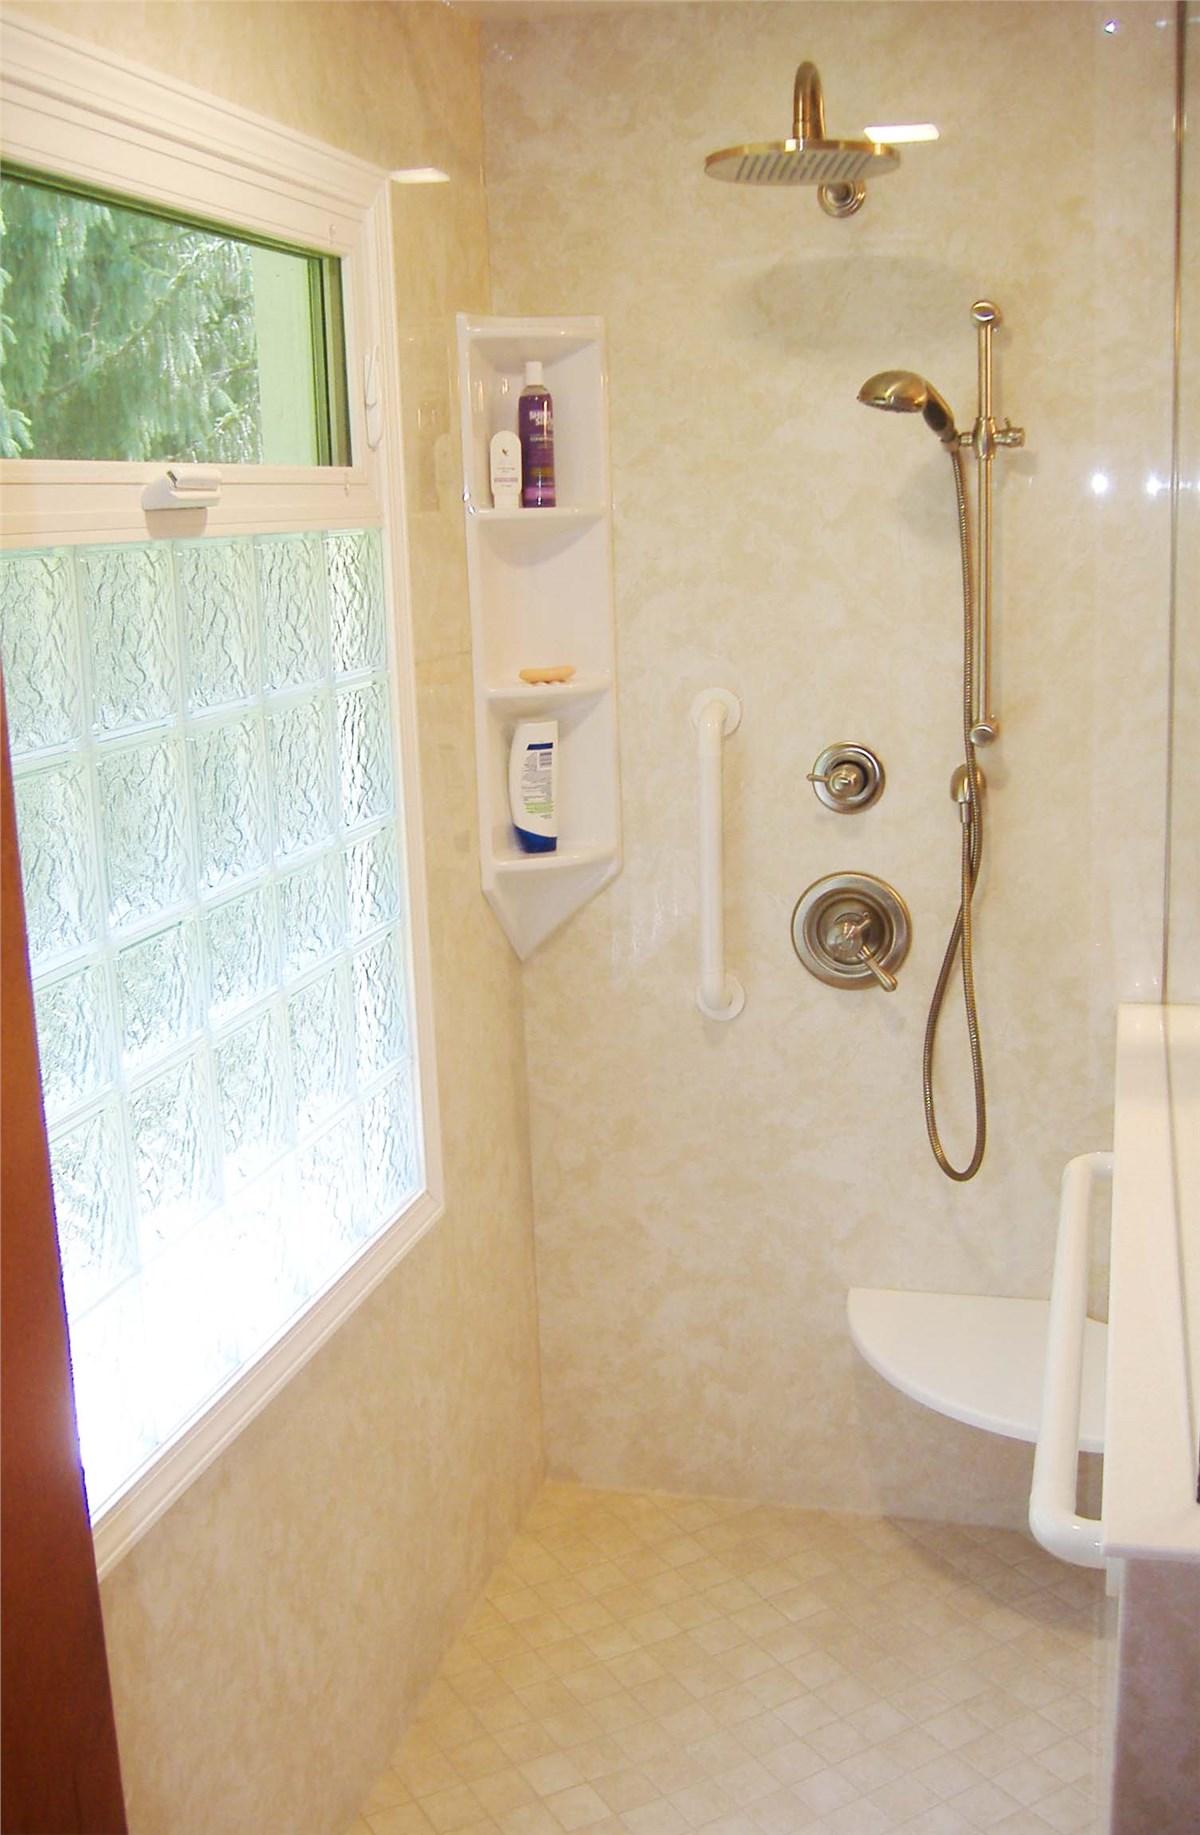 St. Petersburg Shower Remodeling | Bath Remodel | Luxury ...